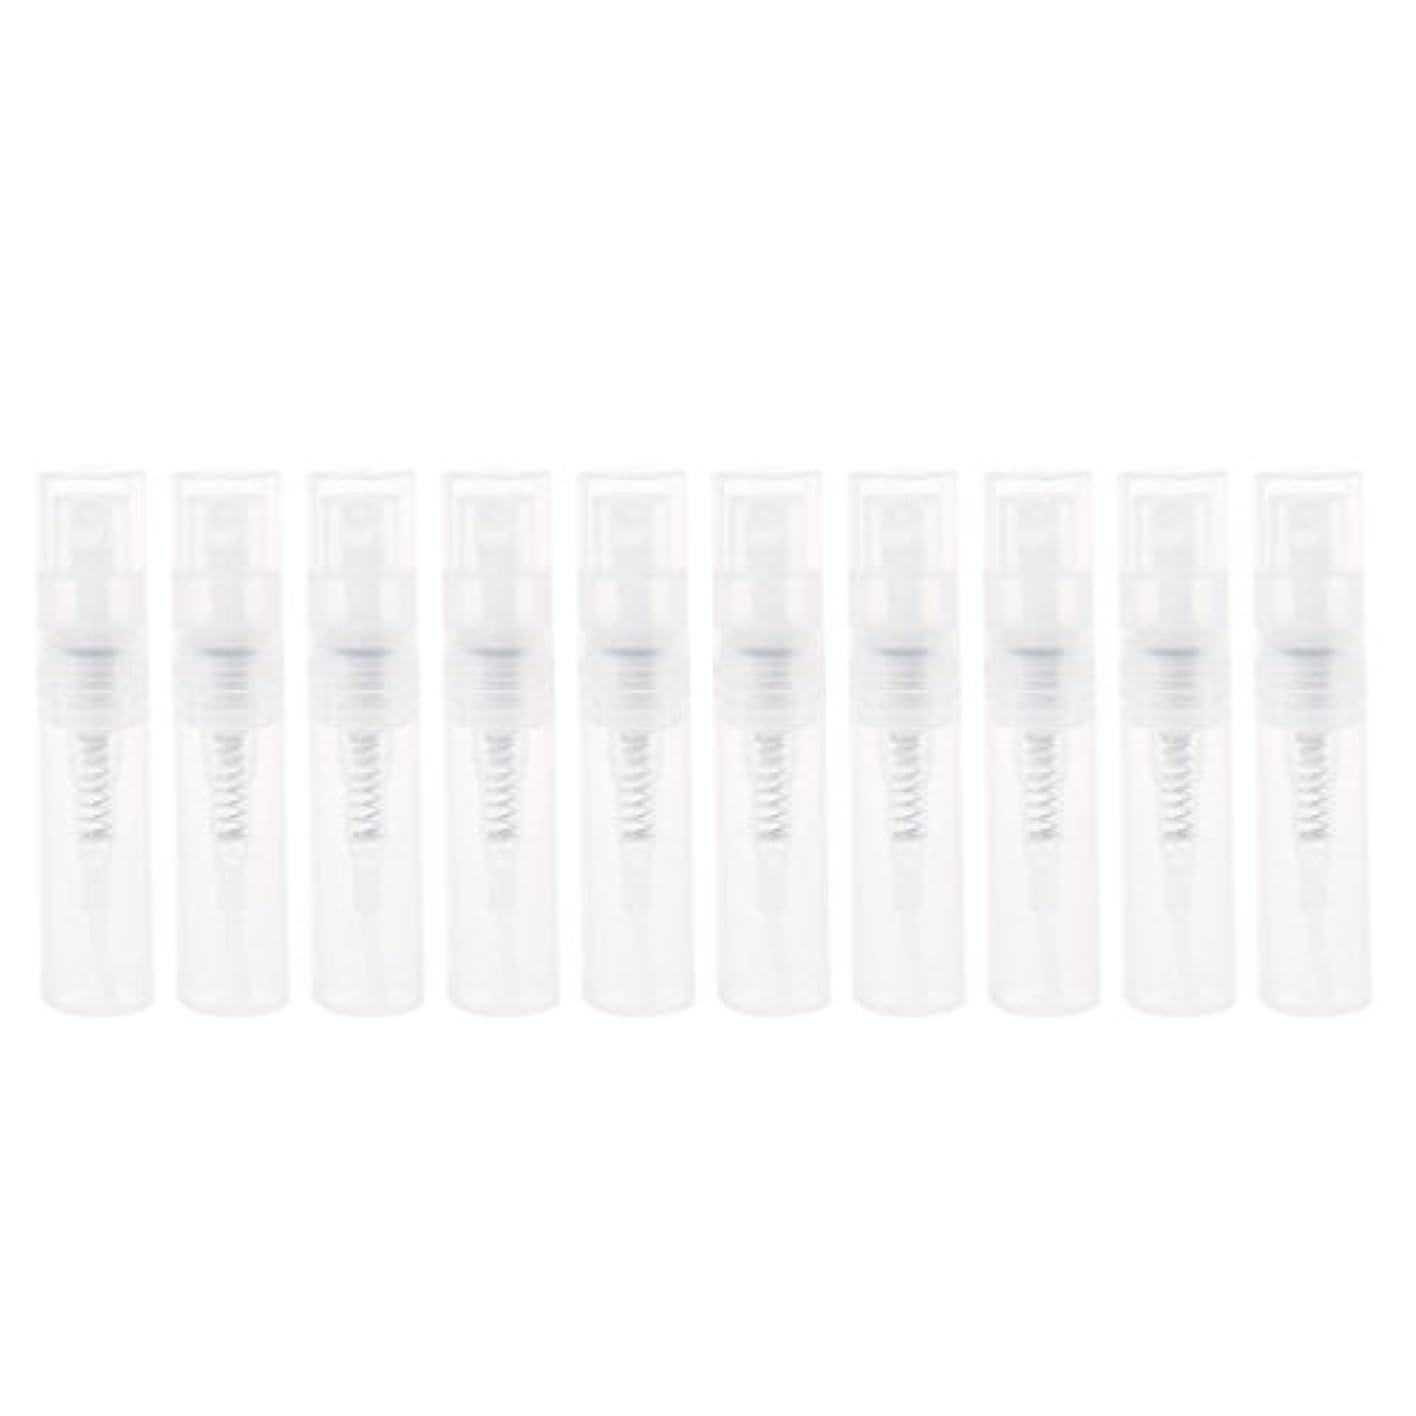 社員夜明けにレコーダーDabixx 2ml小さいプラスチック香水スプレーの空のびんの化粧品の容器のスプレーボトル